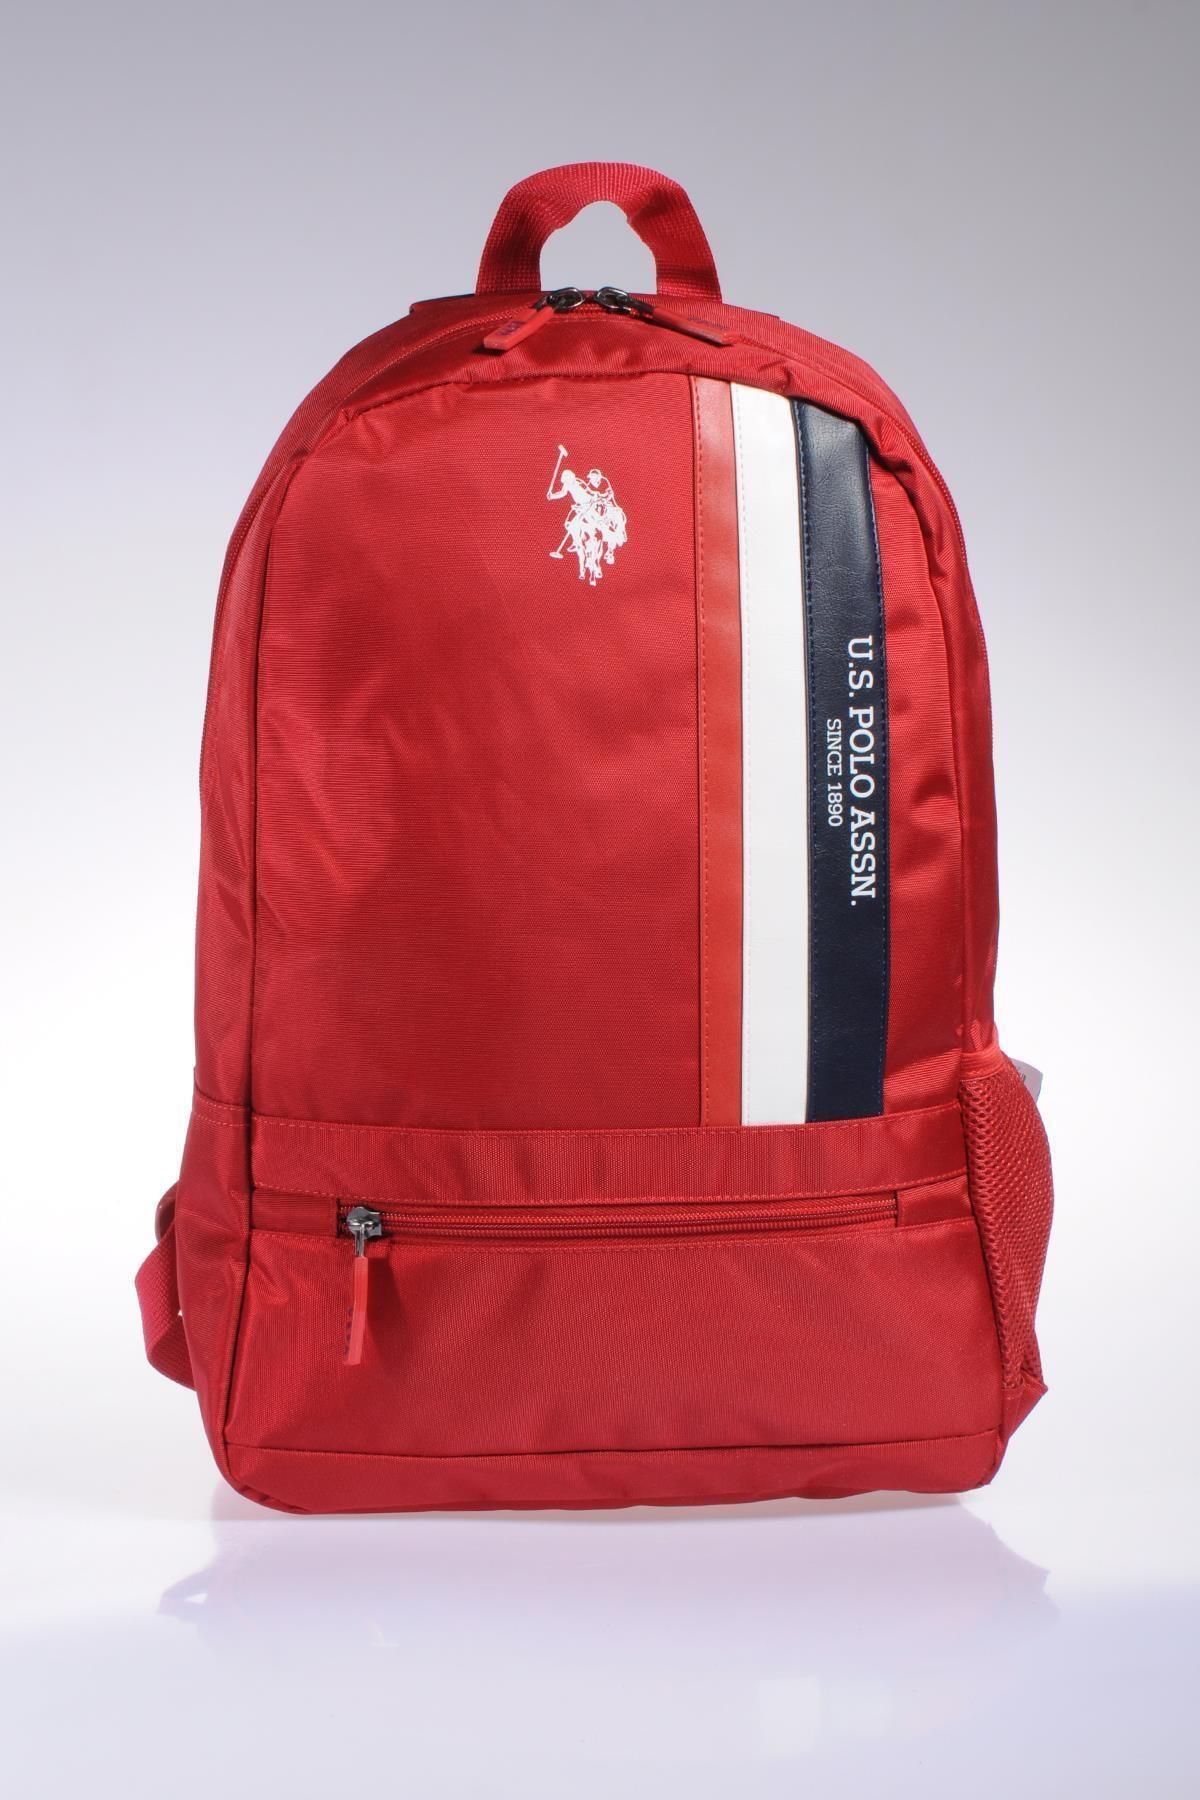 U.S. Polo Assn. Plçan9327 Kırmızı Kadın Sırt Çantası 1